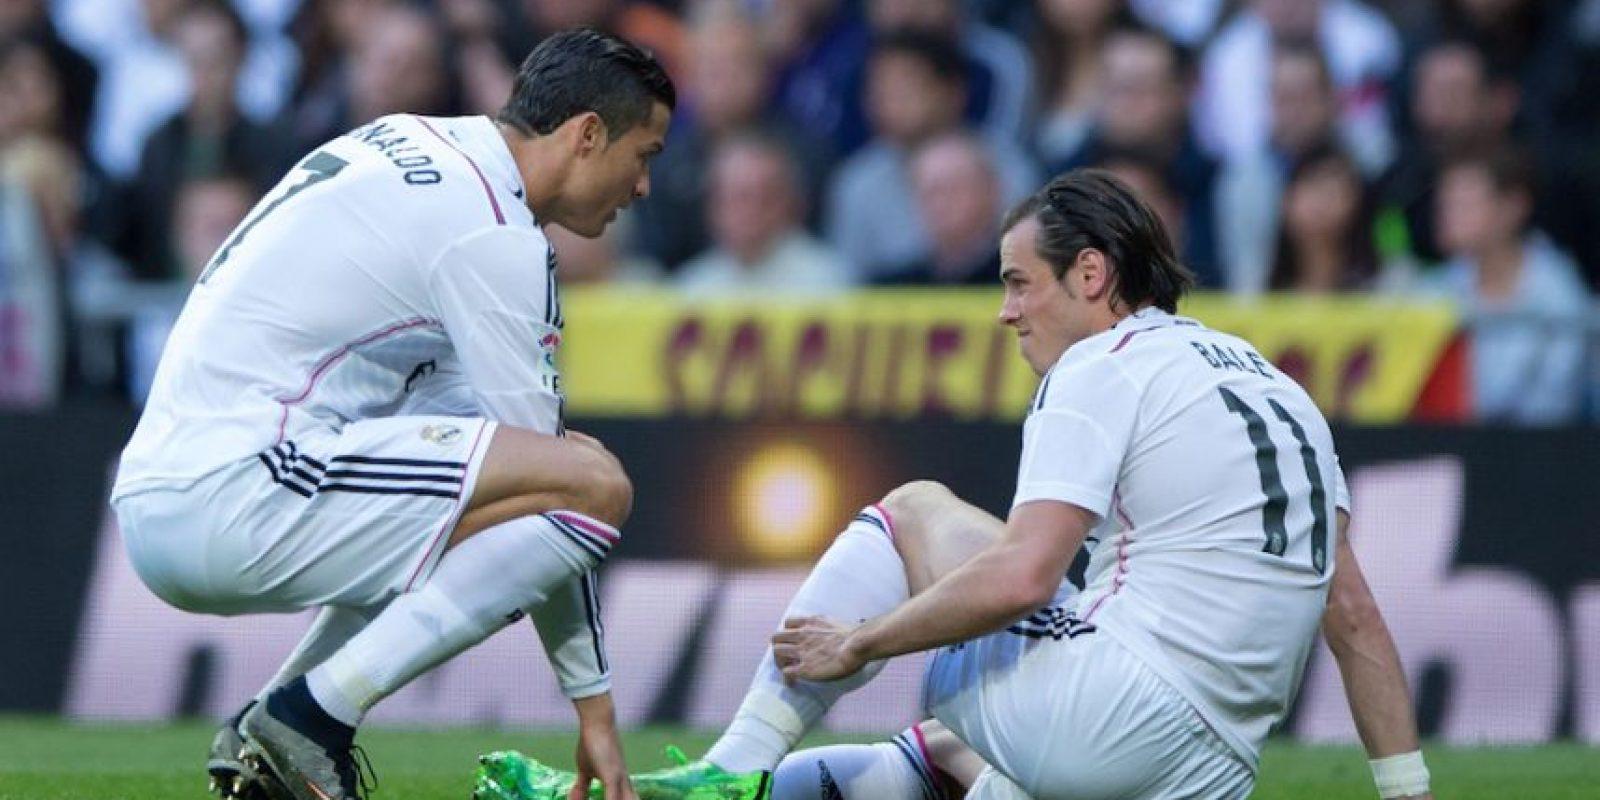 El galés Gareth Bale podría iniciar el encuentro en Italia con el Real Madrid. Foto:Getty Images